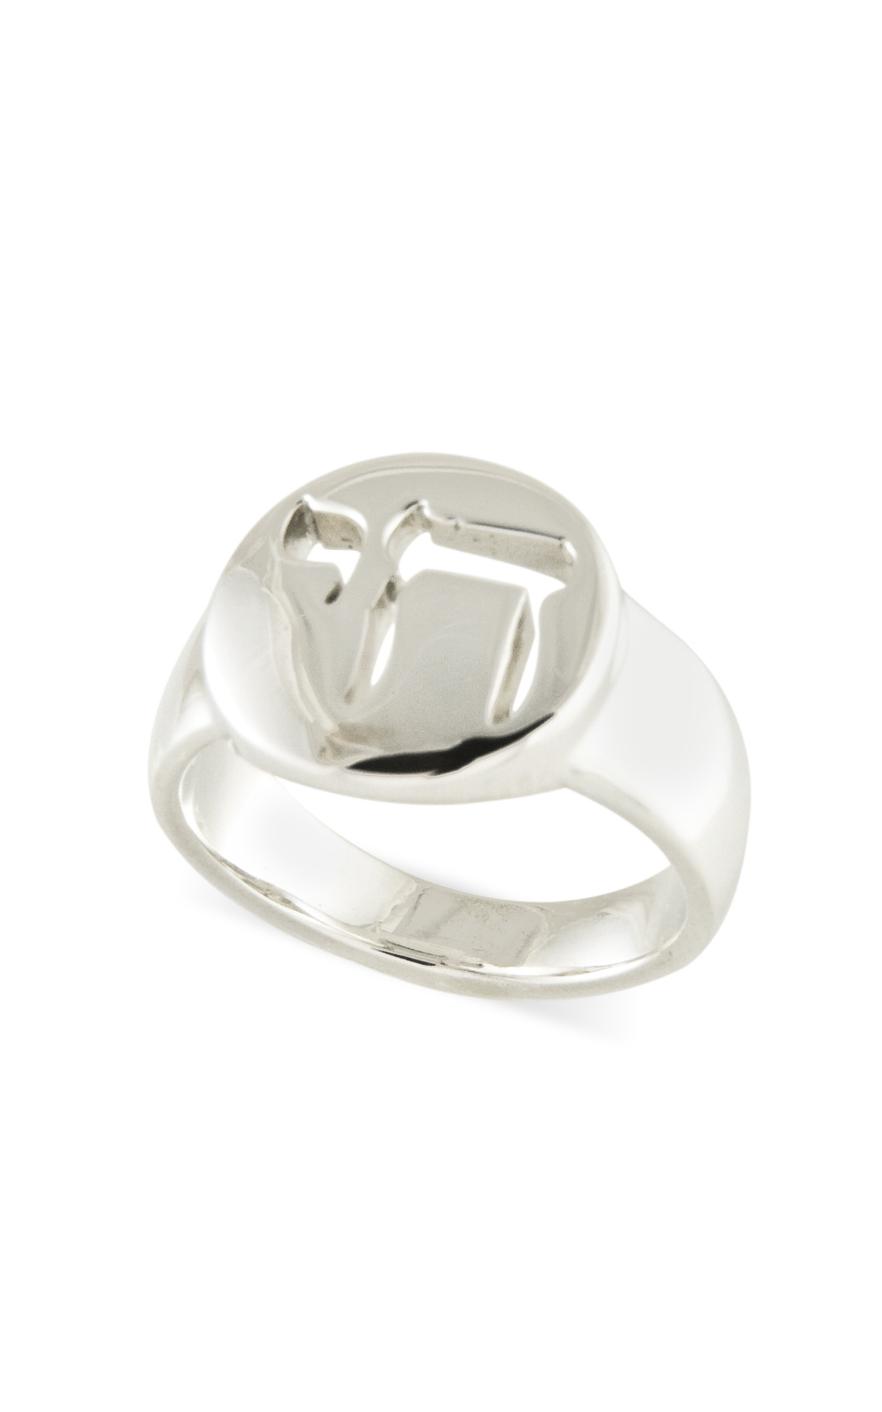 Zina TokenZ Fashion Ring Z51 product image